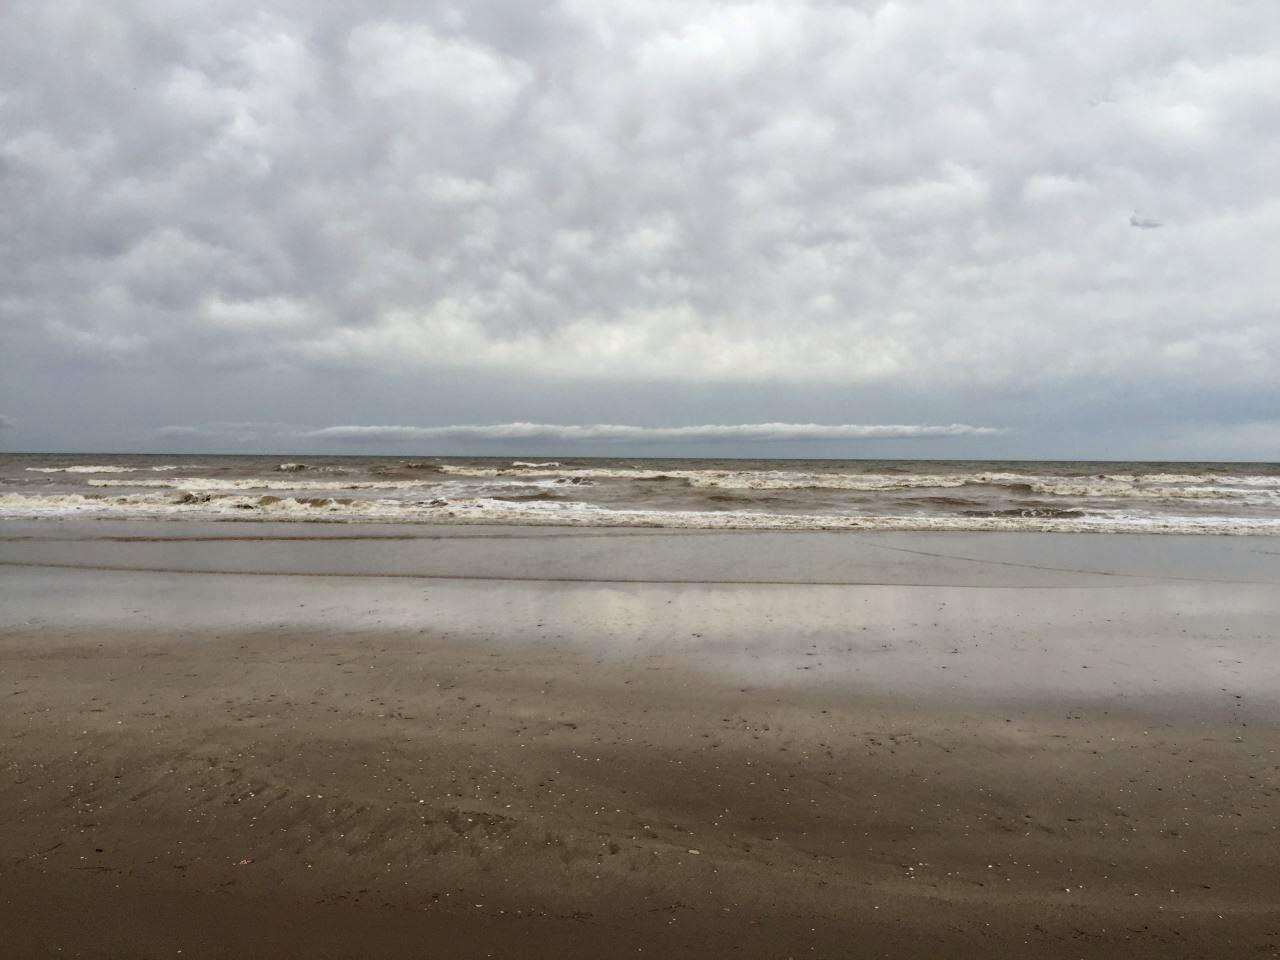 Mar de Ajo - braunes Meer und Regen